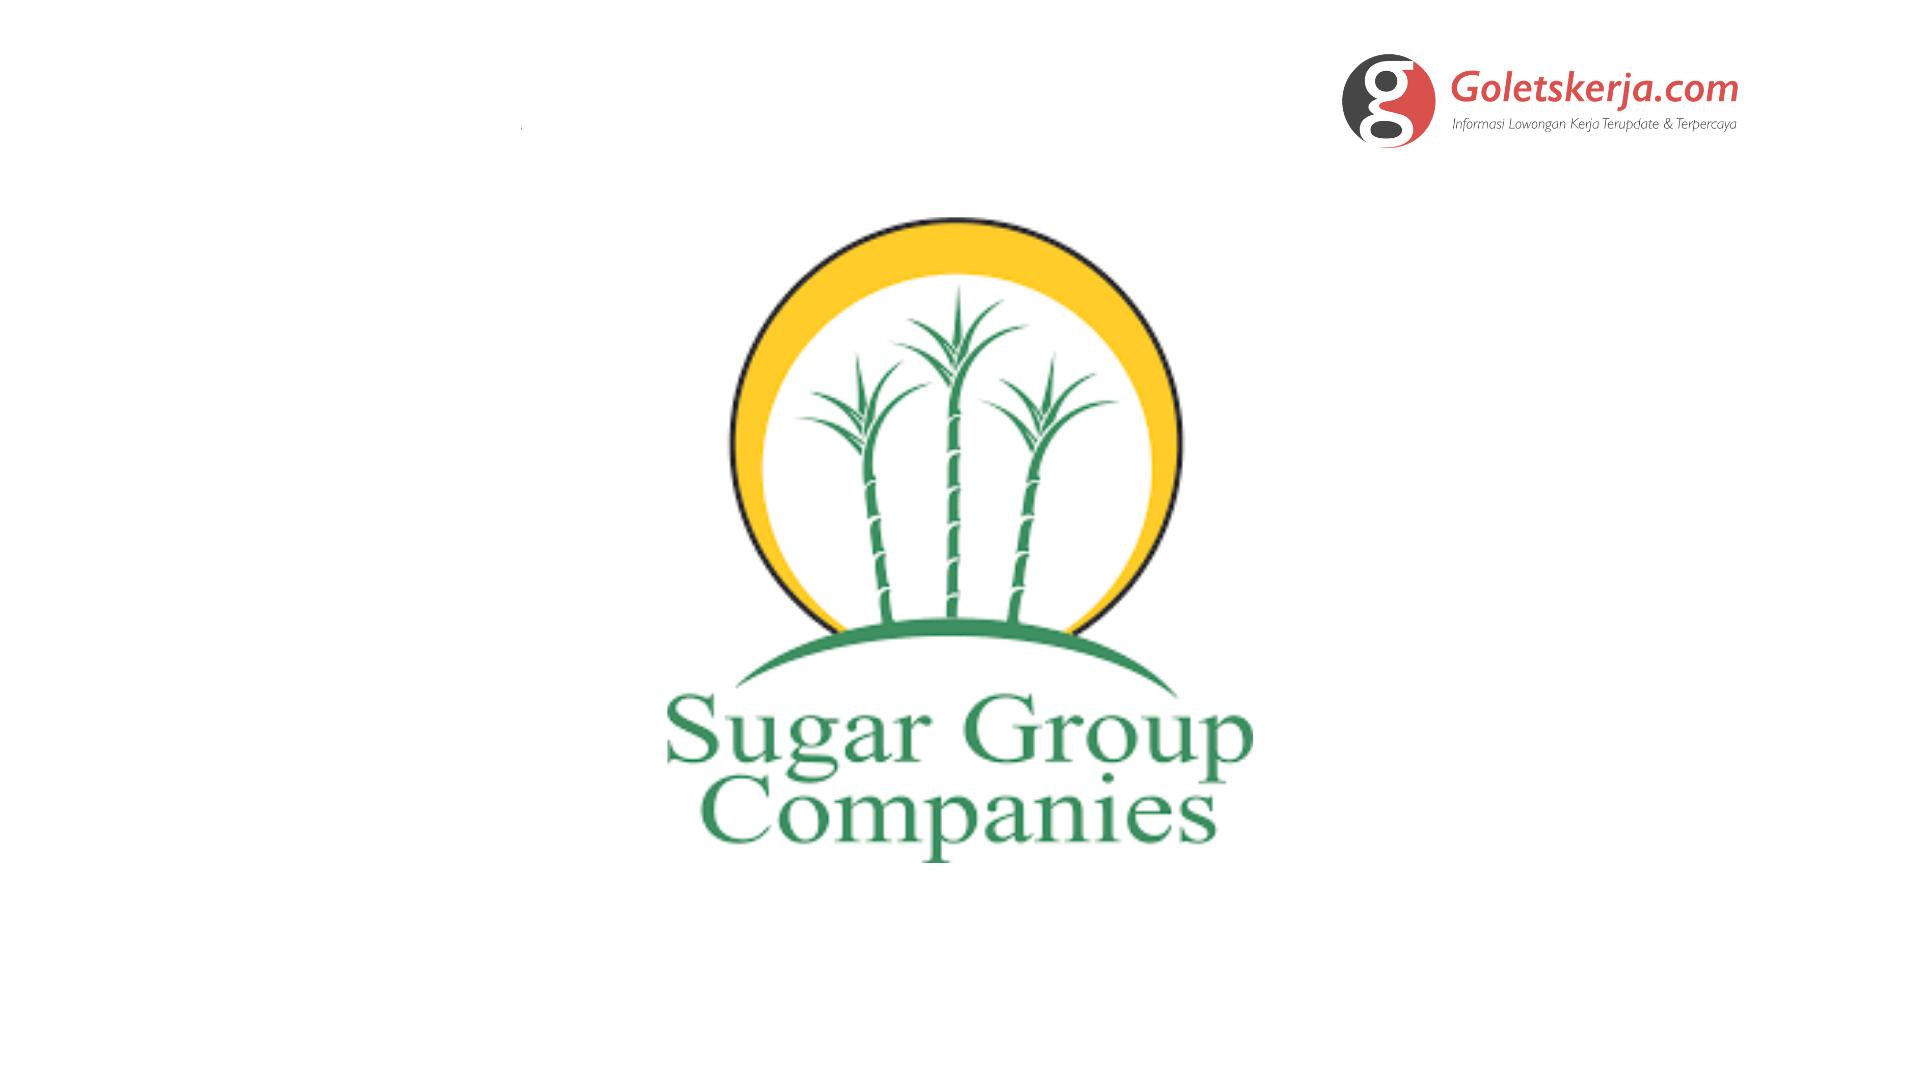 Lowongan Kerja PT Sugar Group Companies